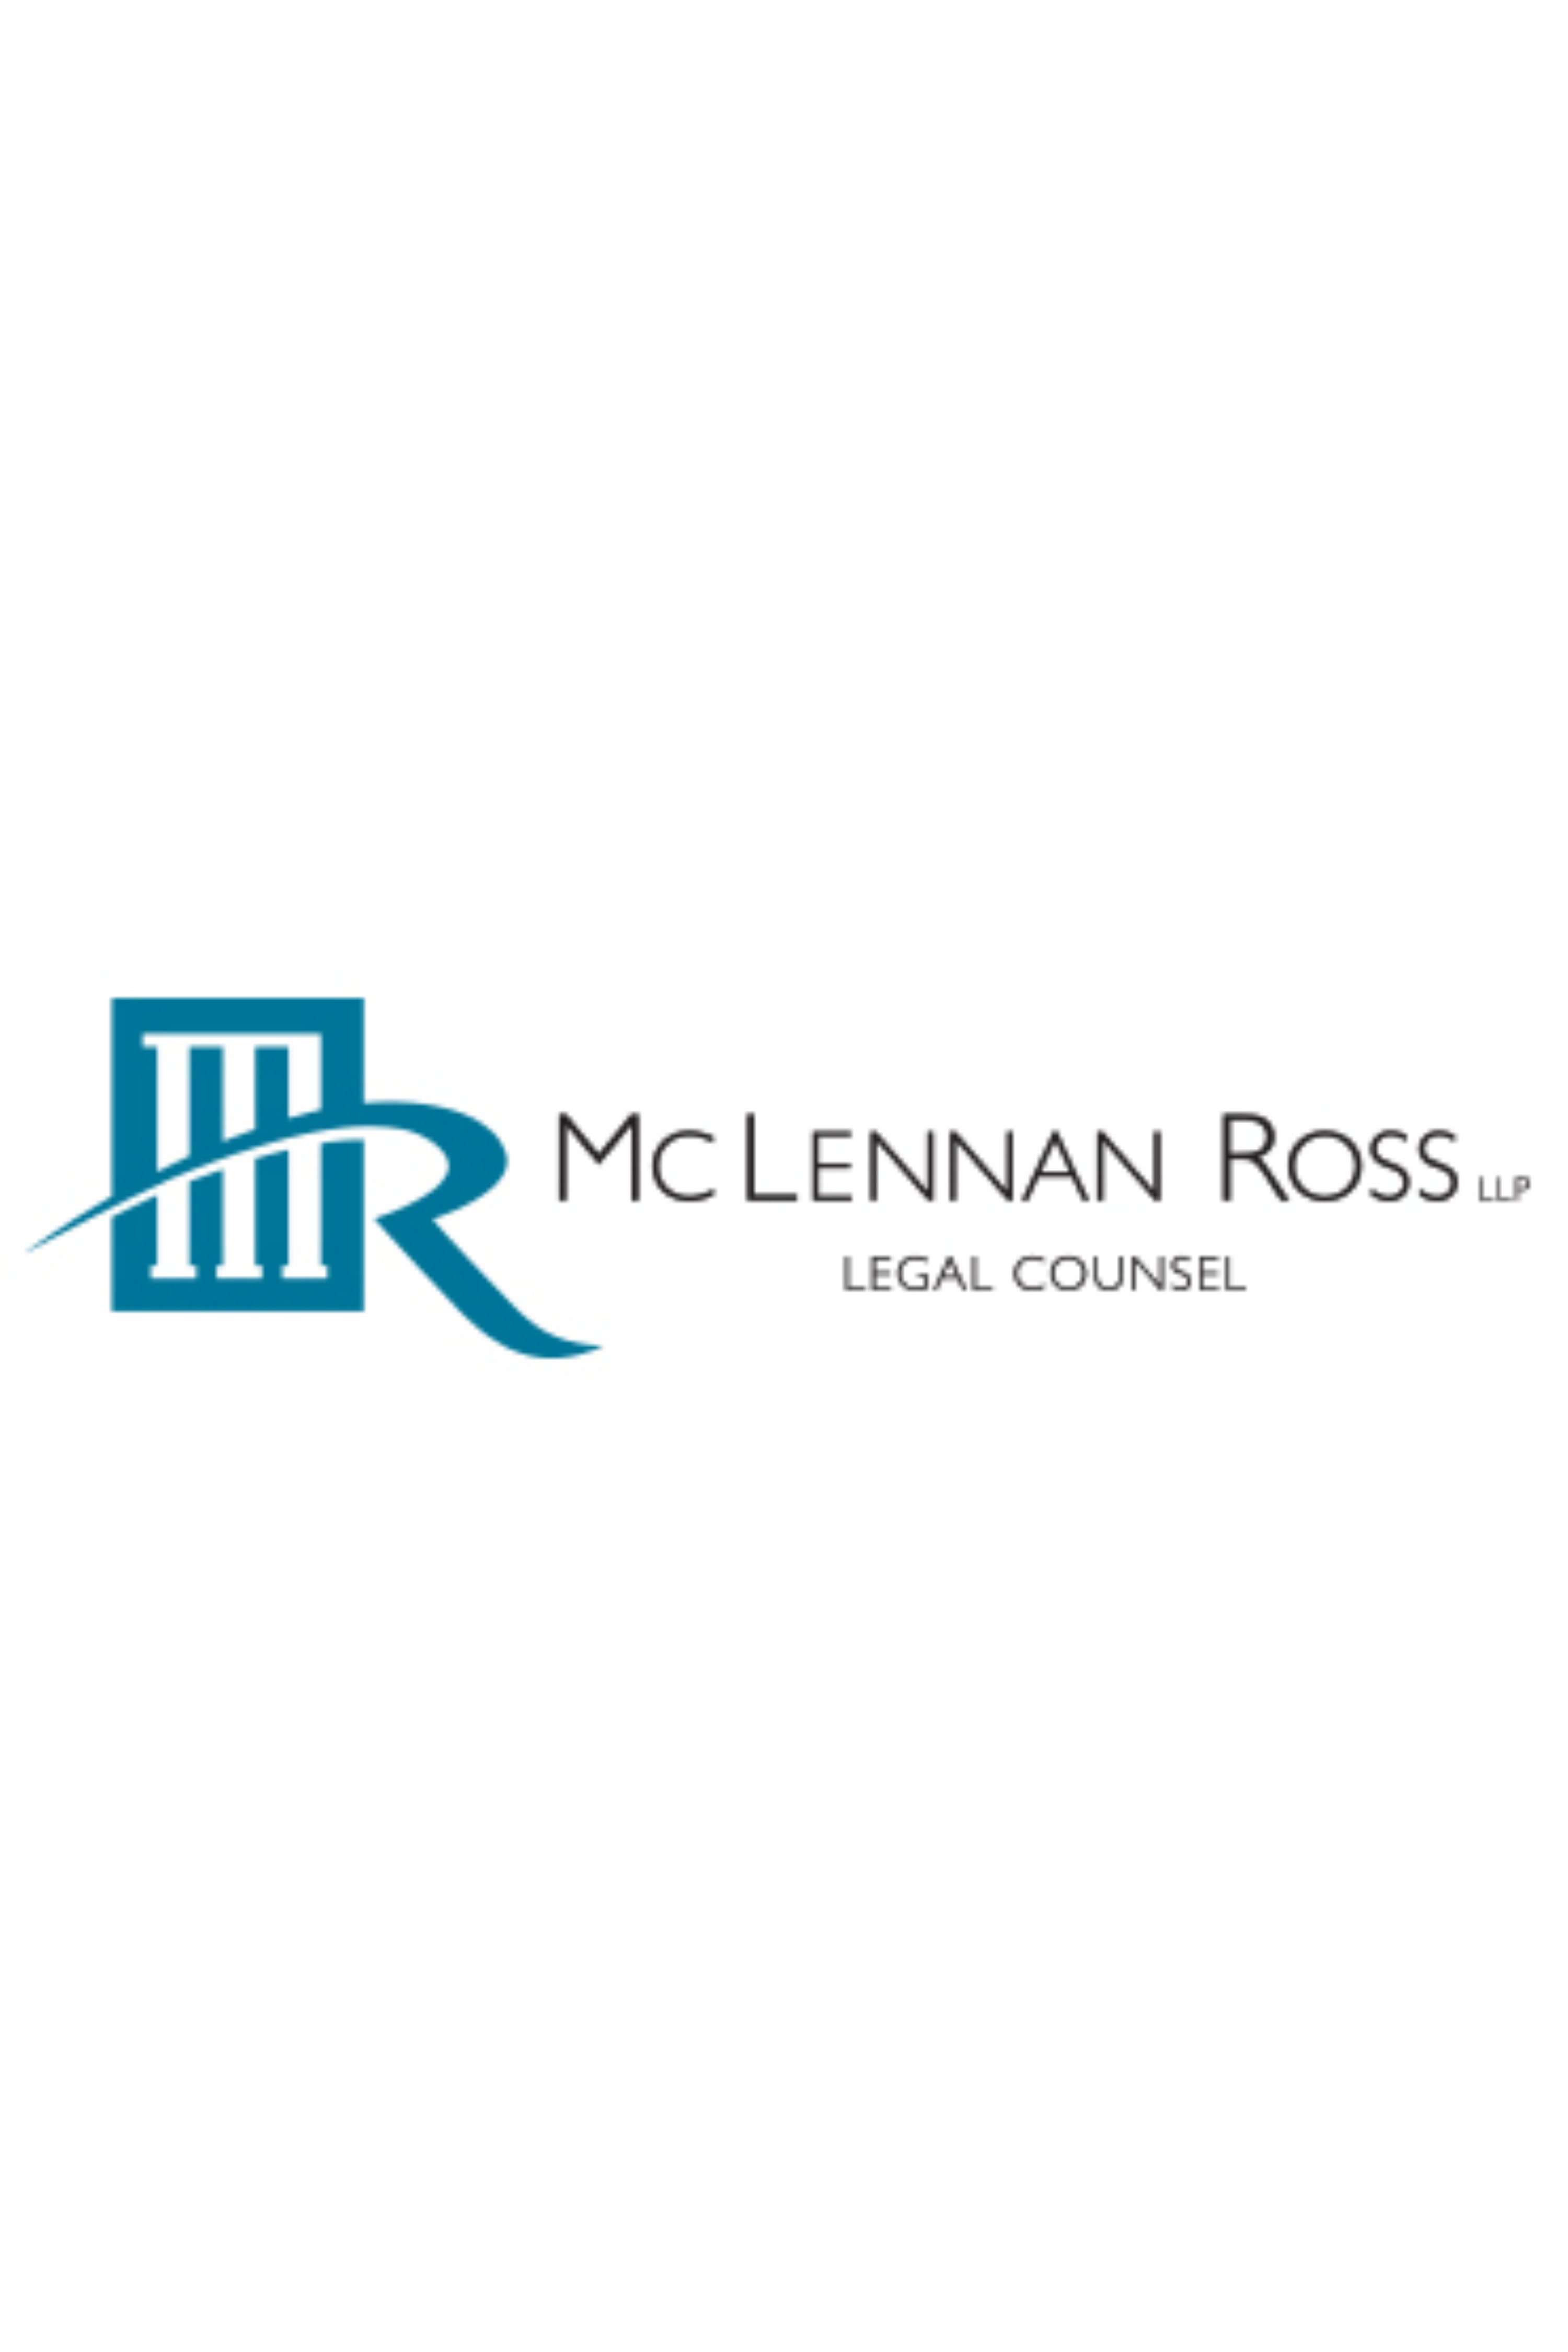 McLennan Ross LLP